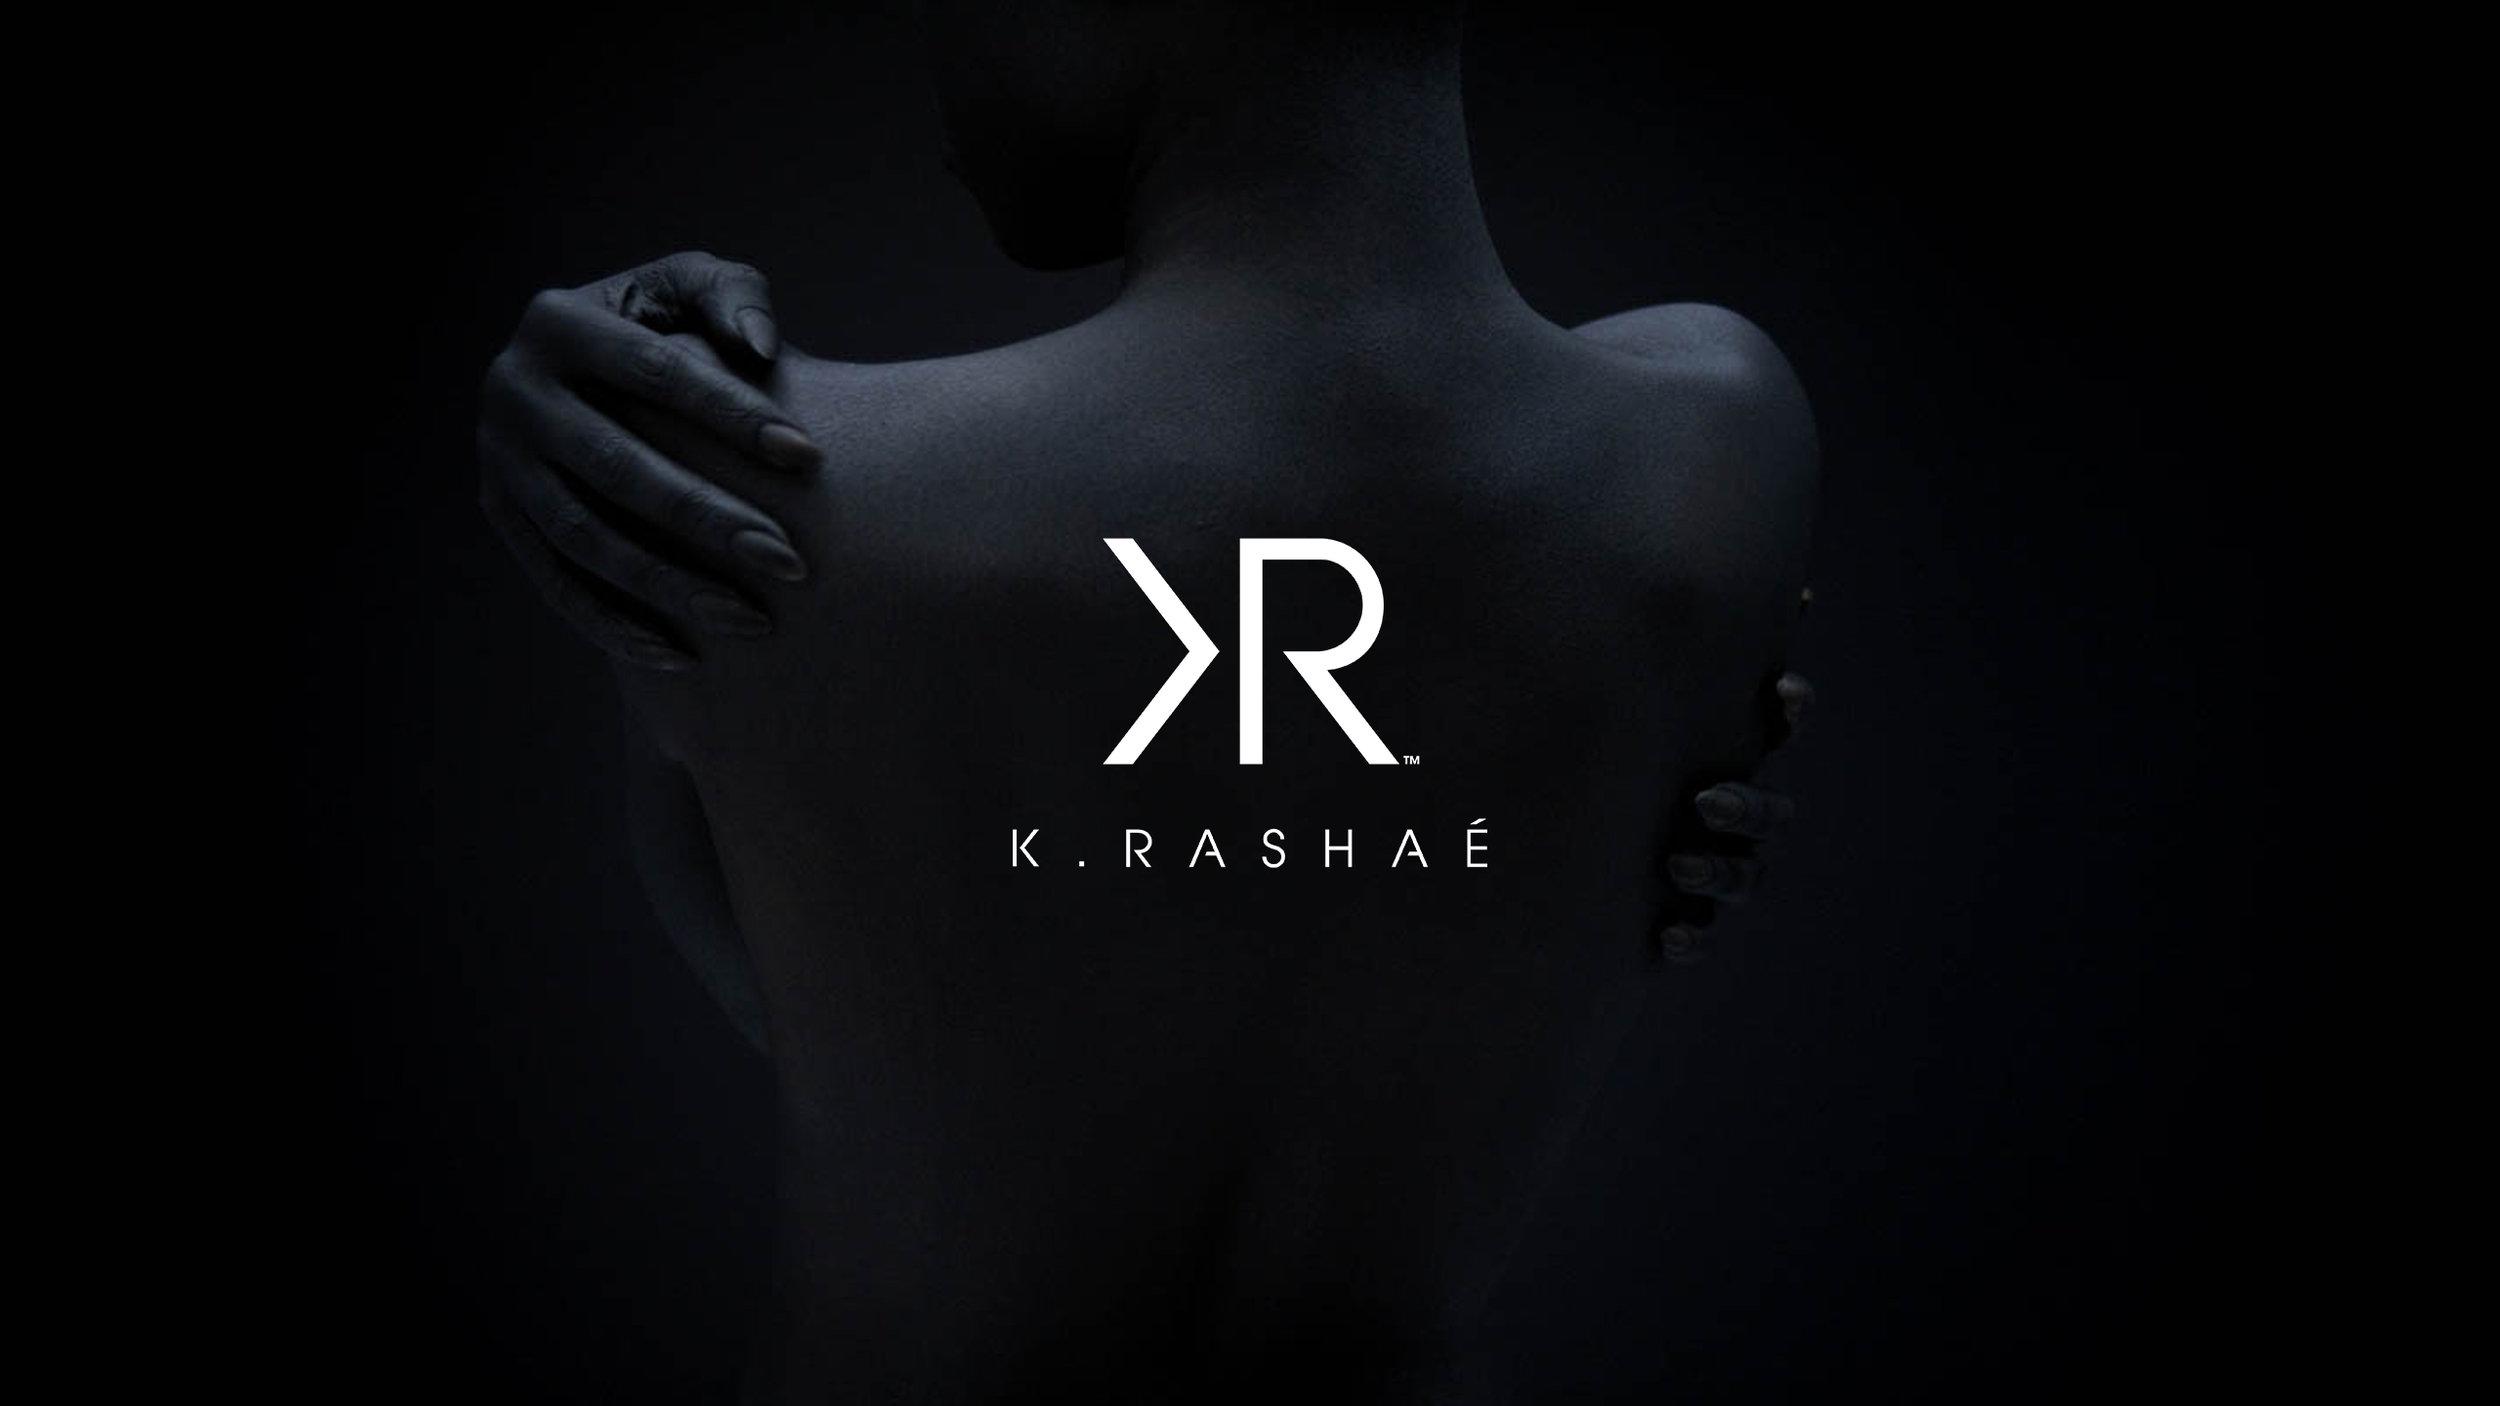 K RaShae Header image opt2.jpg